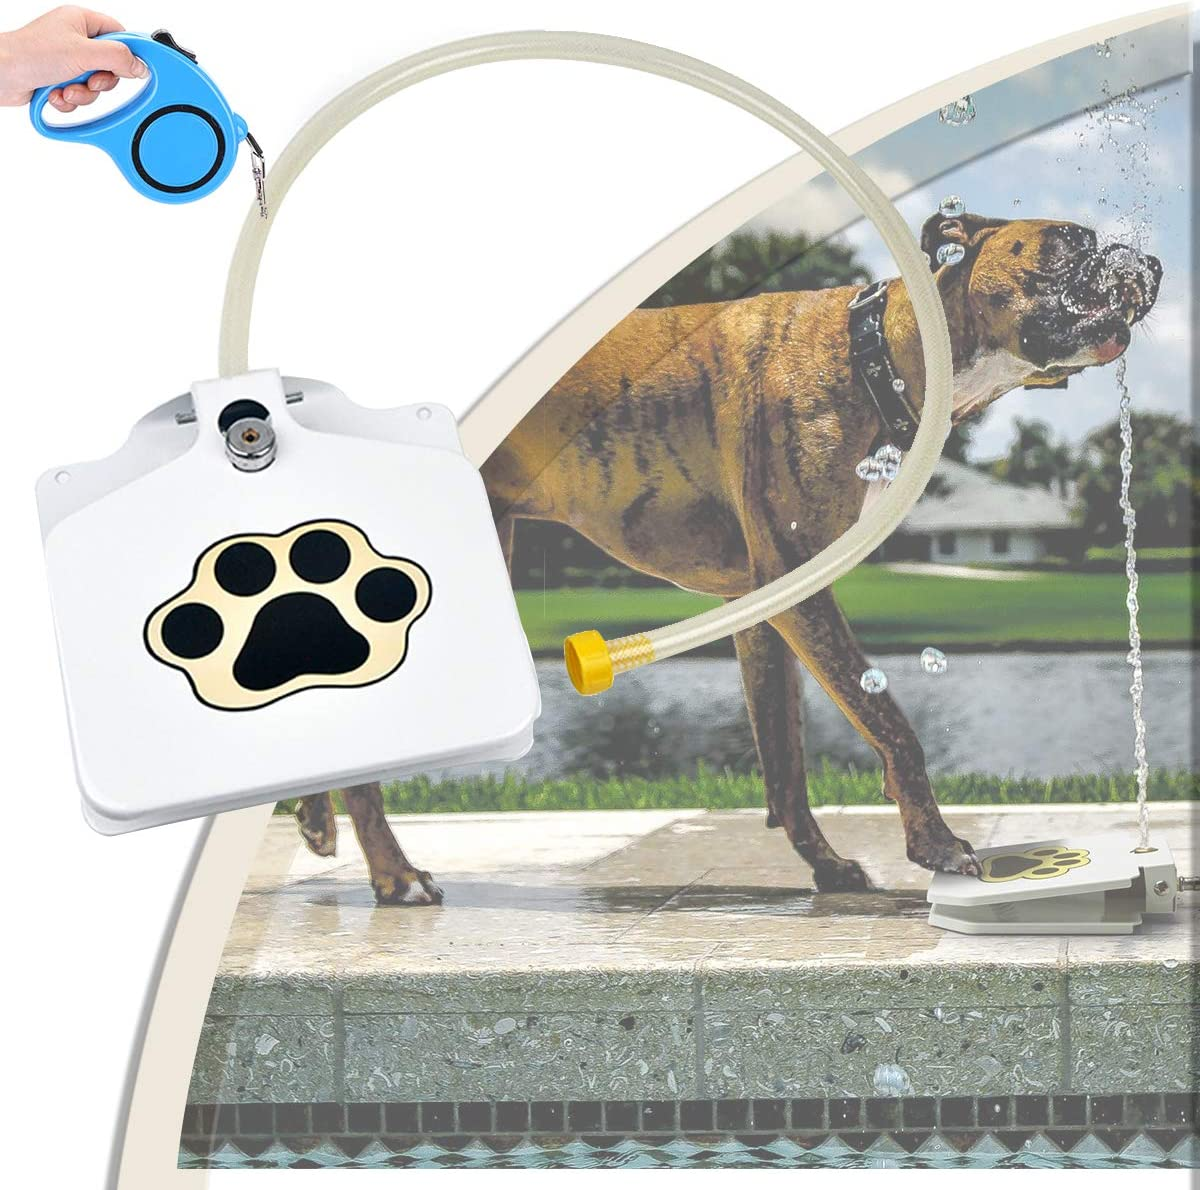 EnweGey Fuente del Perro Autom, Bebedero Perro Grande de Acero Inoxidable con Manguera & Cuerda de Remolque, Fácil de Aprender Bebedero Jardín Fuente de Pedal para Perros Chill out